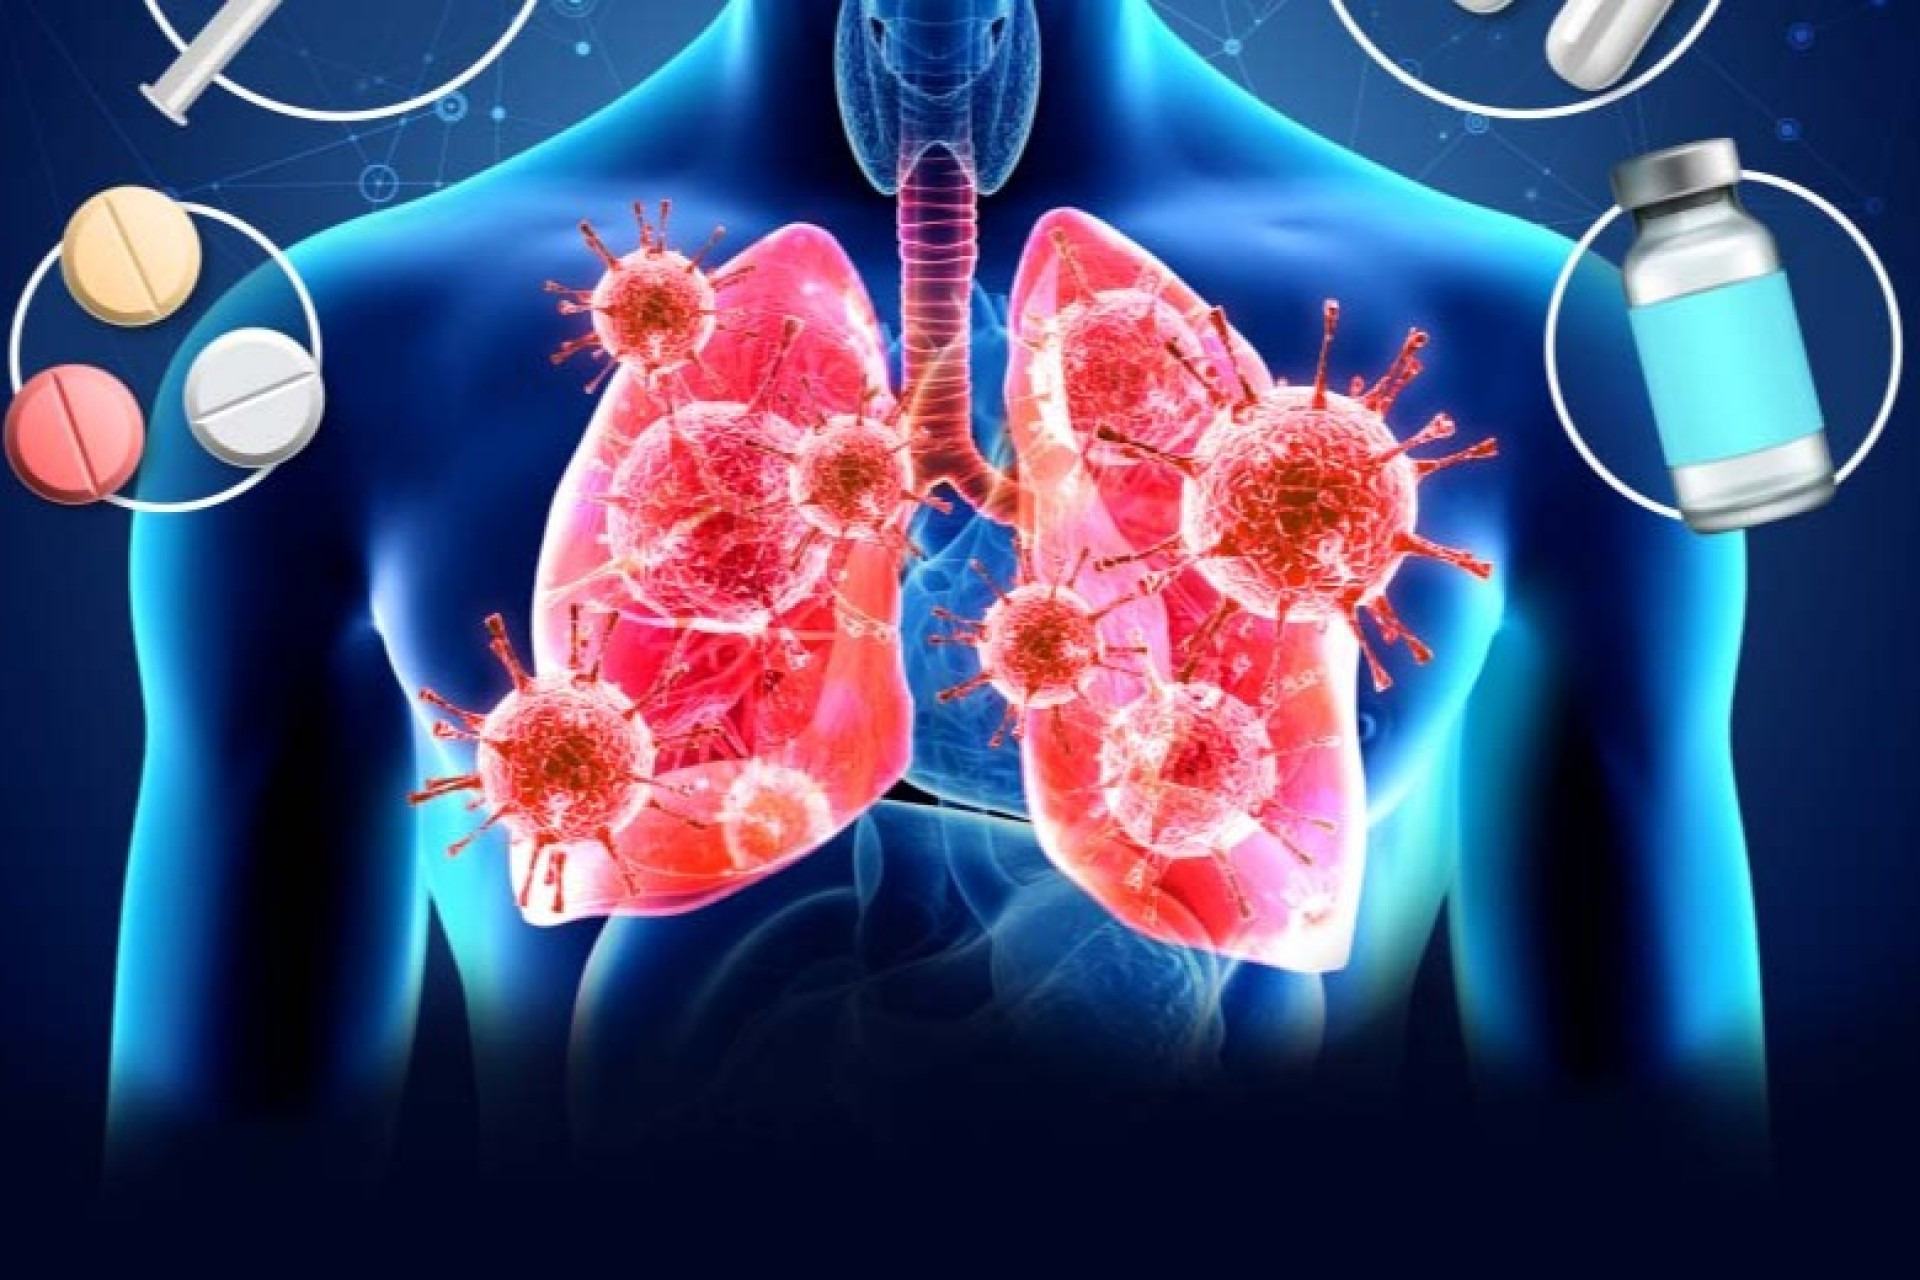 Anvisa autoriza uso emergencial de coquetel de anticorpos contra Covid-19